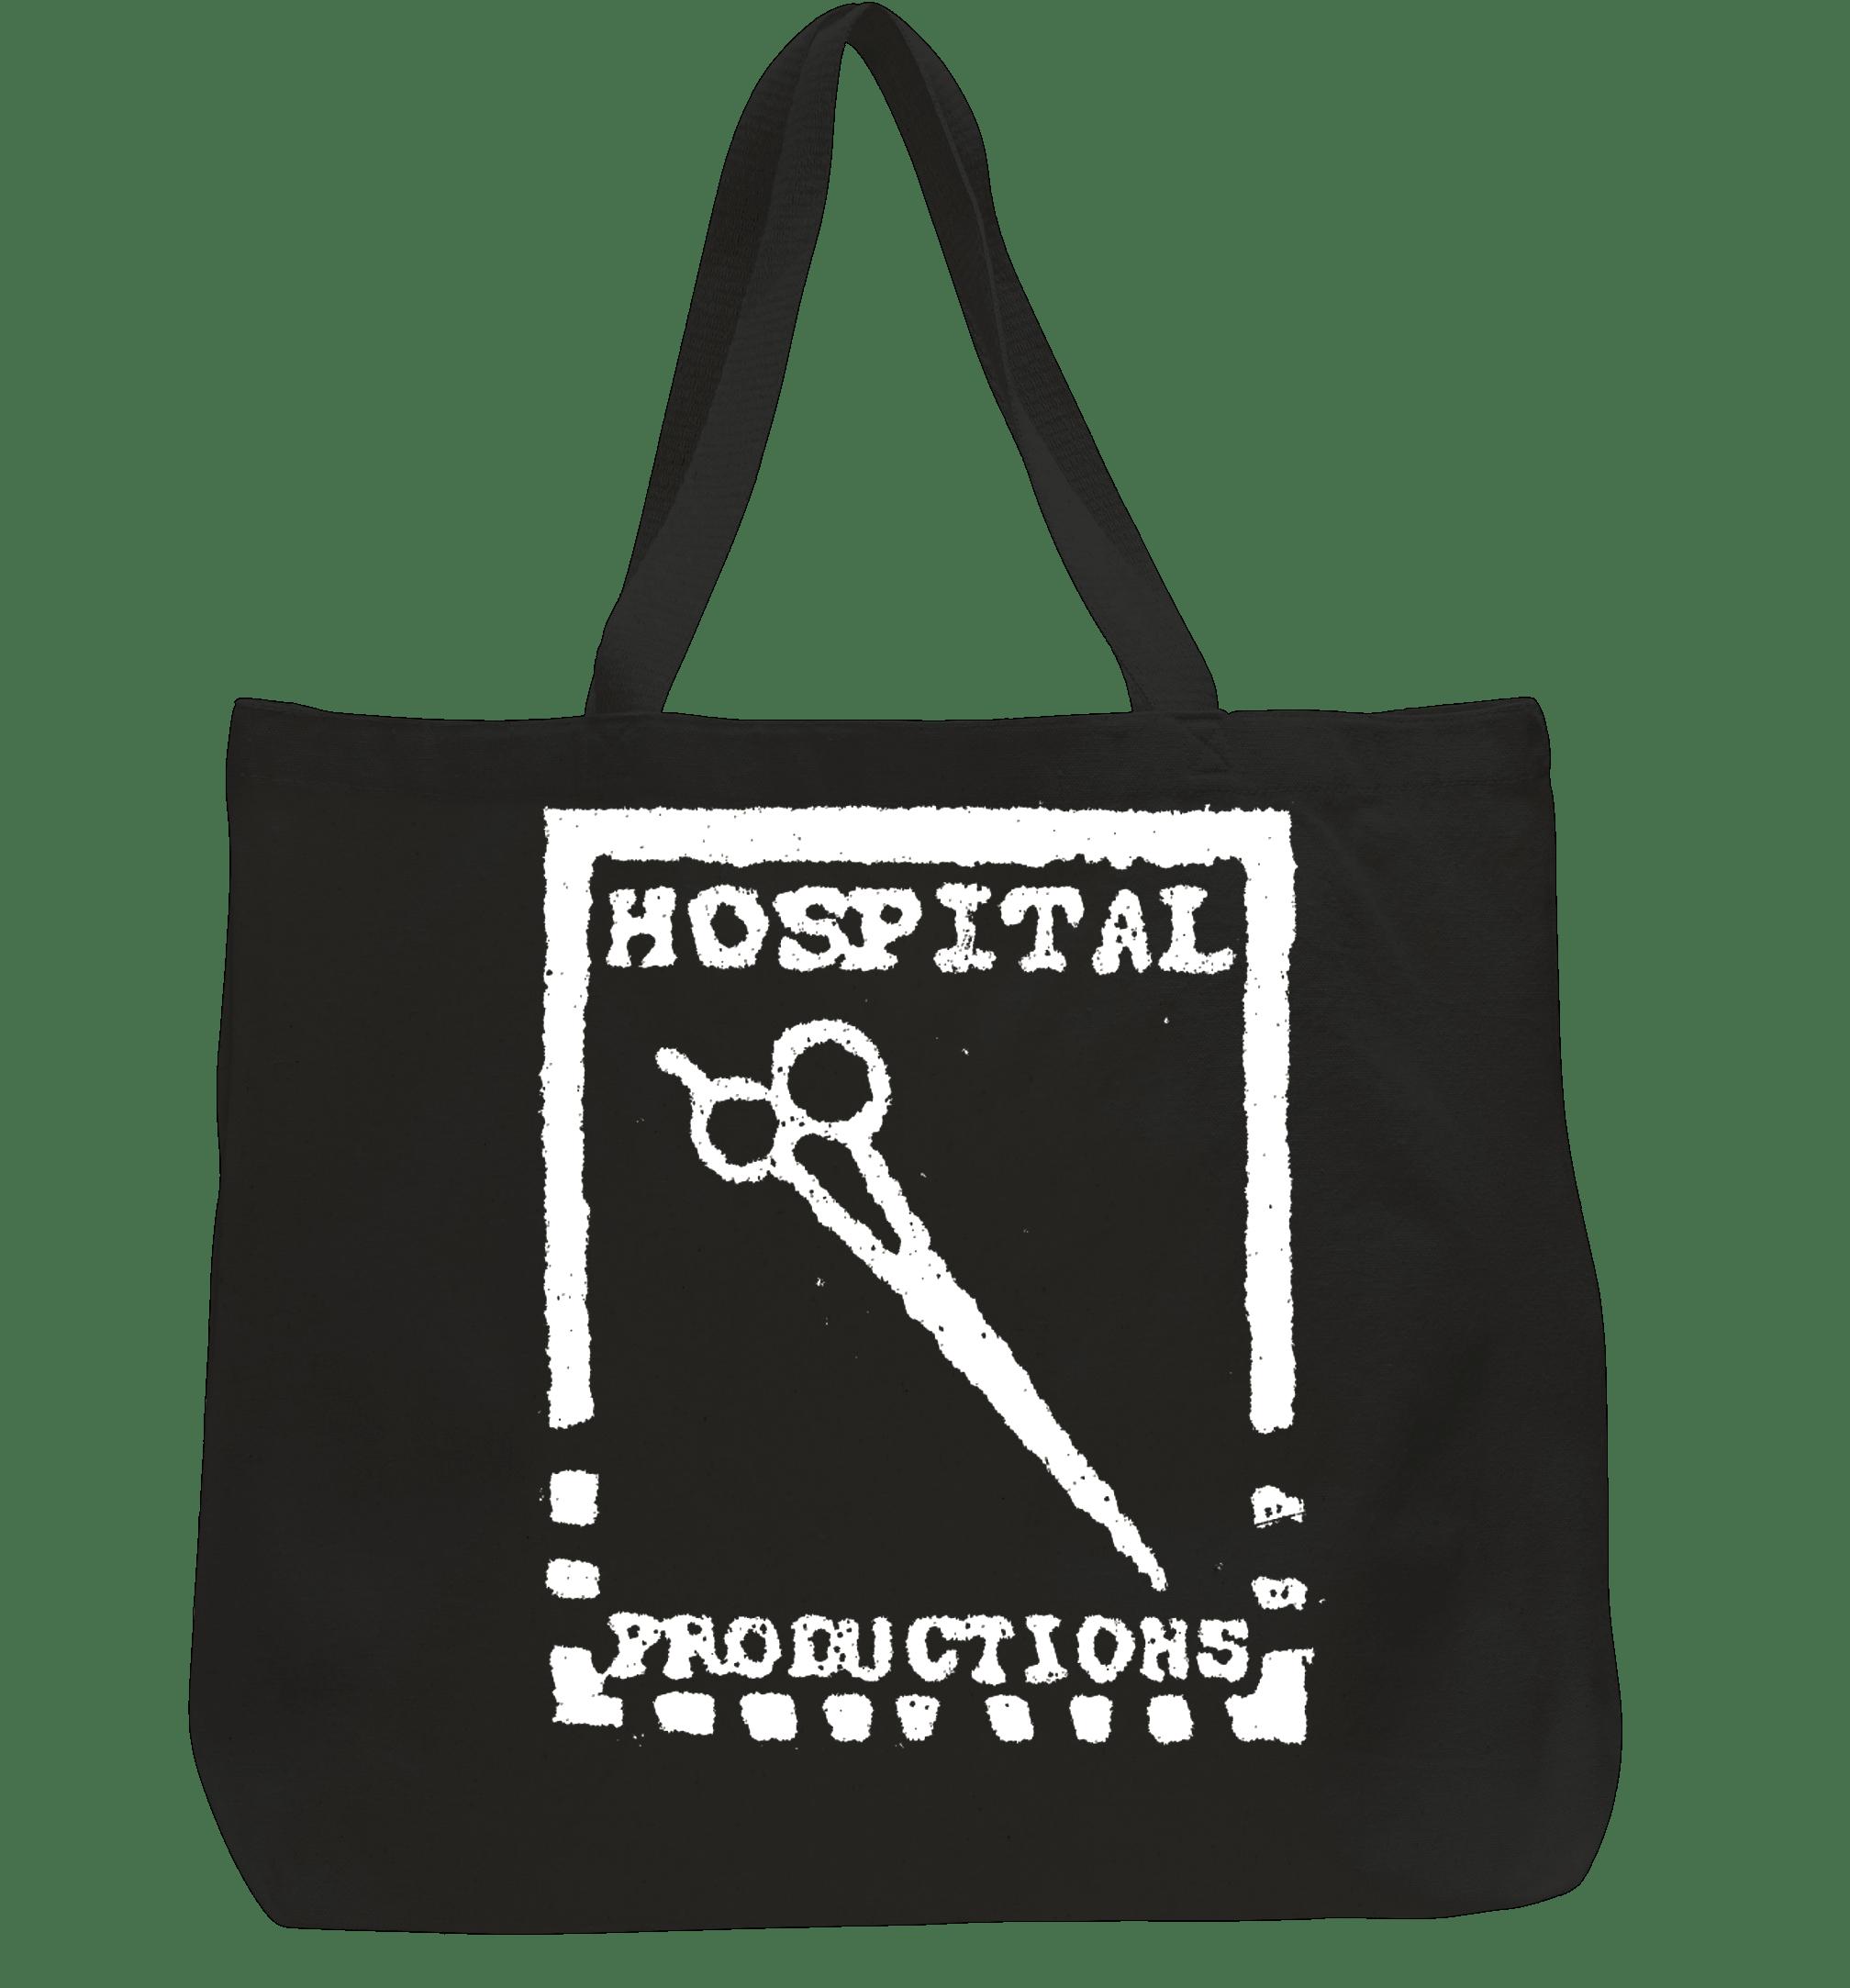 Nhiều mẫu khác nhau, có chi phí rẻ, thiết kế đẹp mắt sẽ là một sản phẩm quảng cáo không thể thiếu dành cho các bệnh viện, phòng khám, trạm y tế